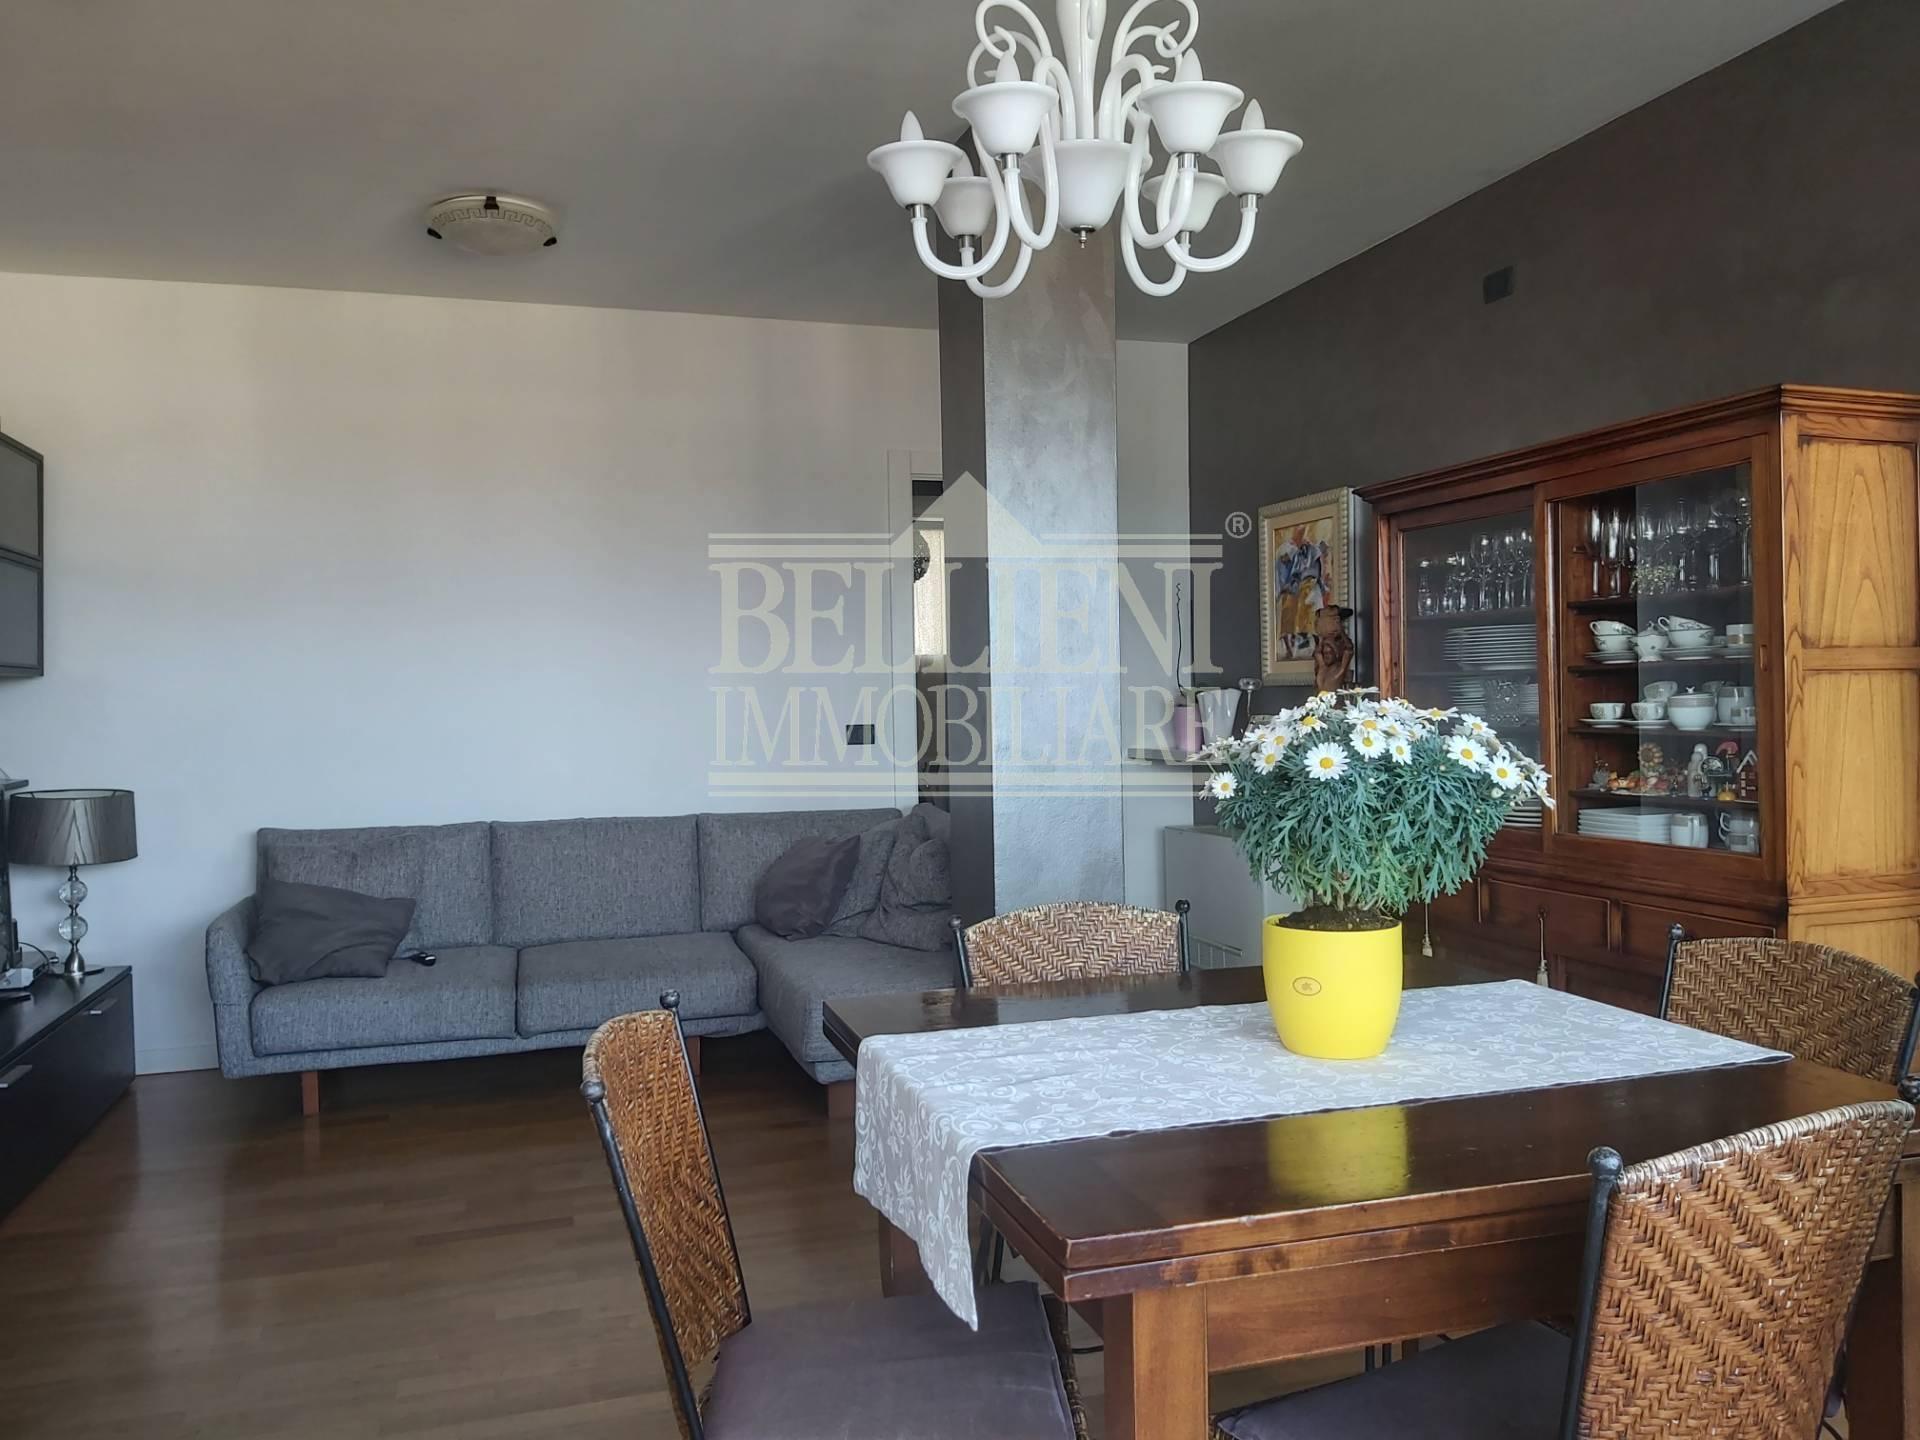 Appartamento in vendita a Vicenza, 6 locali, zona Località: PortaPadova, prezzo € 185.000 | PortaleAgenzieImmobiliari.it